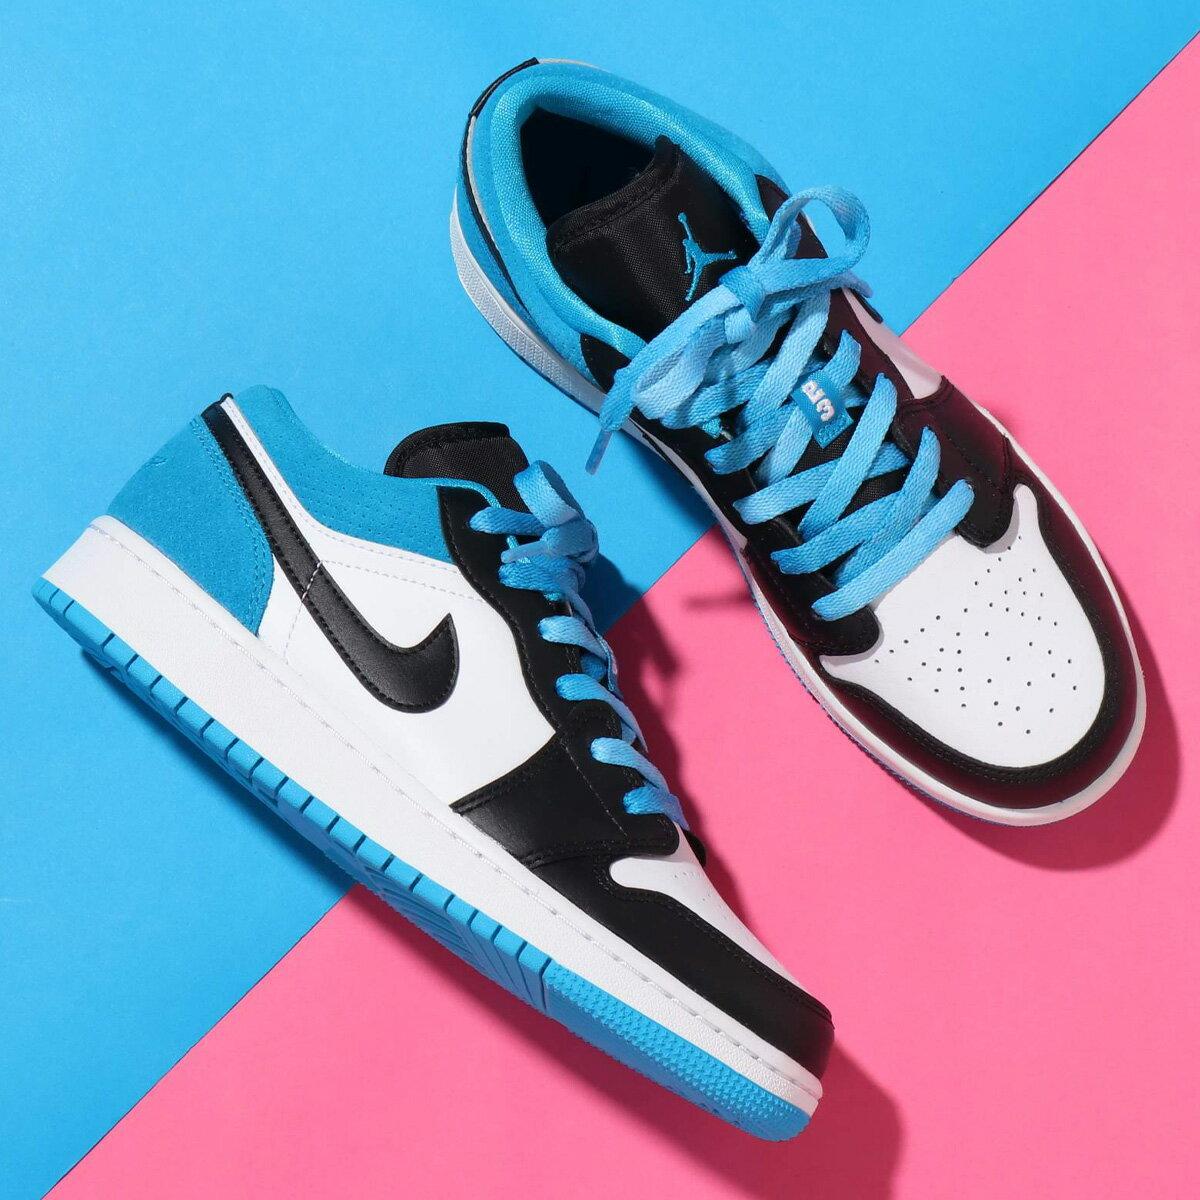 メンズ靴, スニーカー JORDAN BRAND AIR JORDAN 1 LOW SE( 1 LOW SE)BLACKBLACK-LASER BLUE-WHITE 20SU-S at20-c